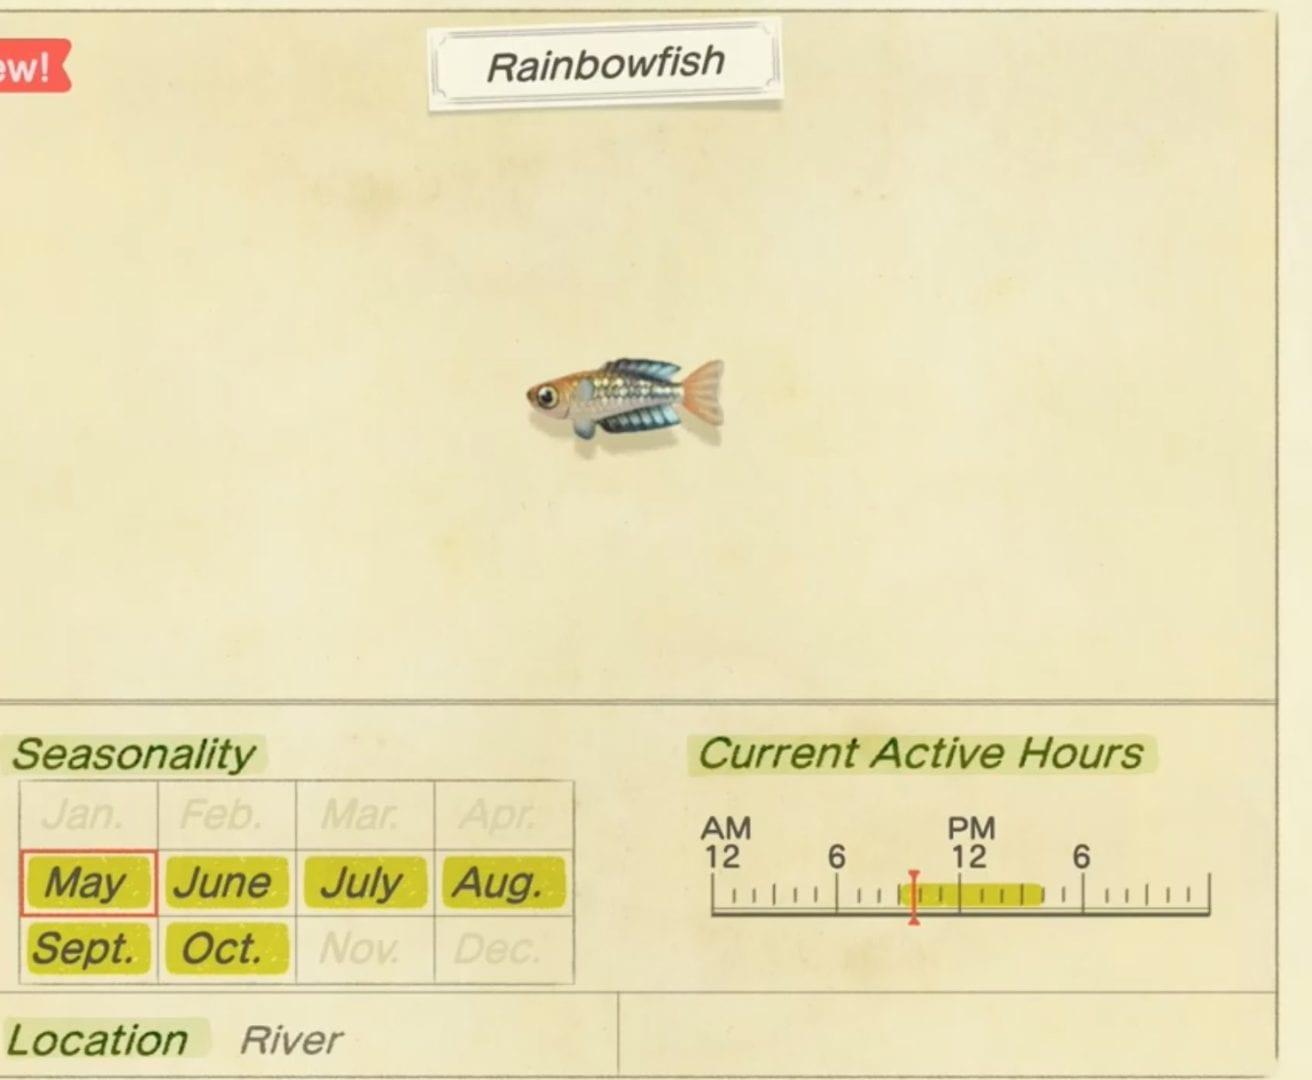 animales cruzando nuevos horizontes, peces arcoiris, cómo llegar